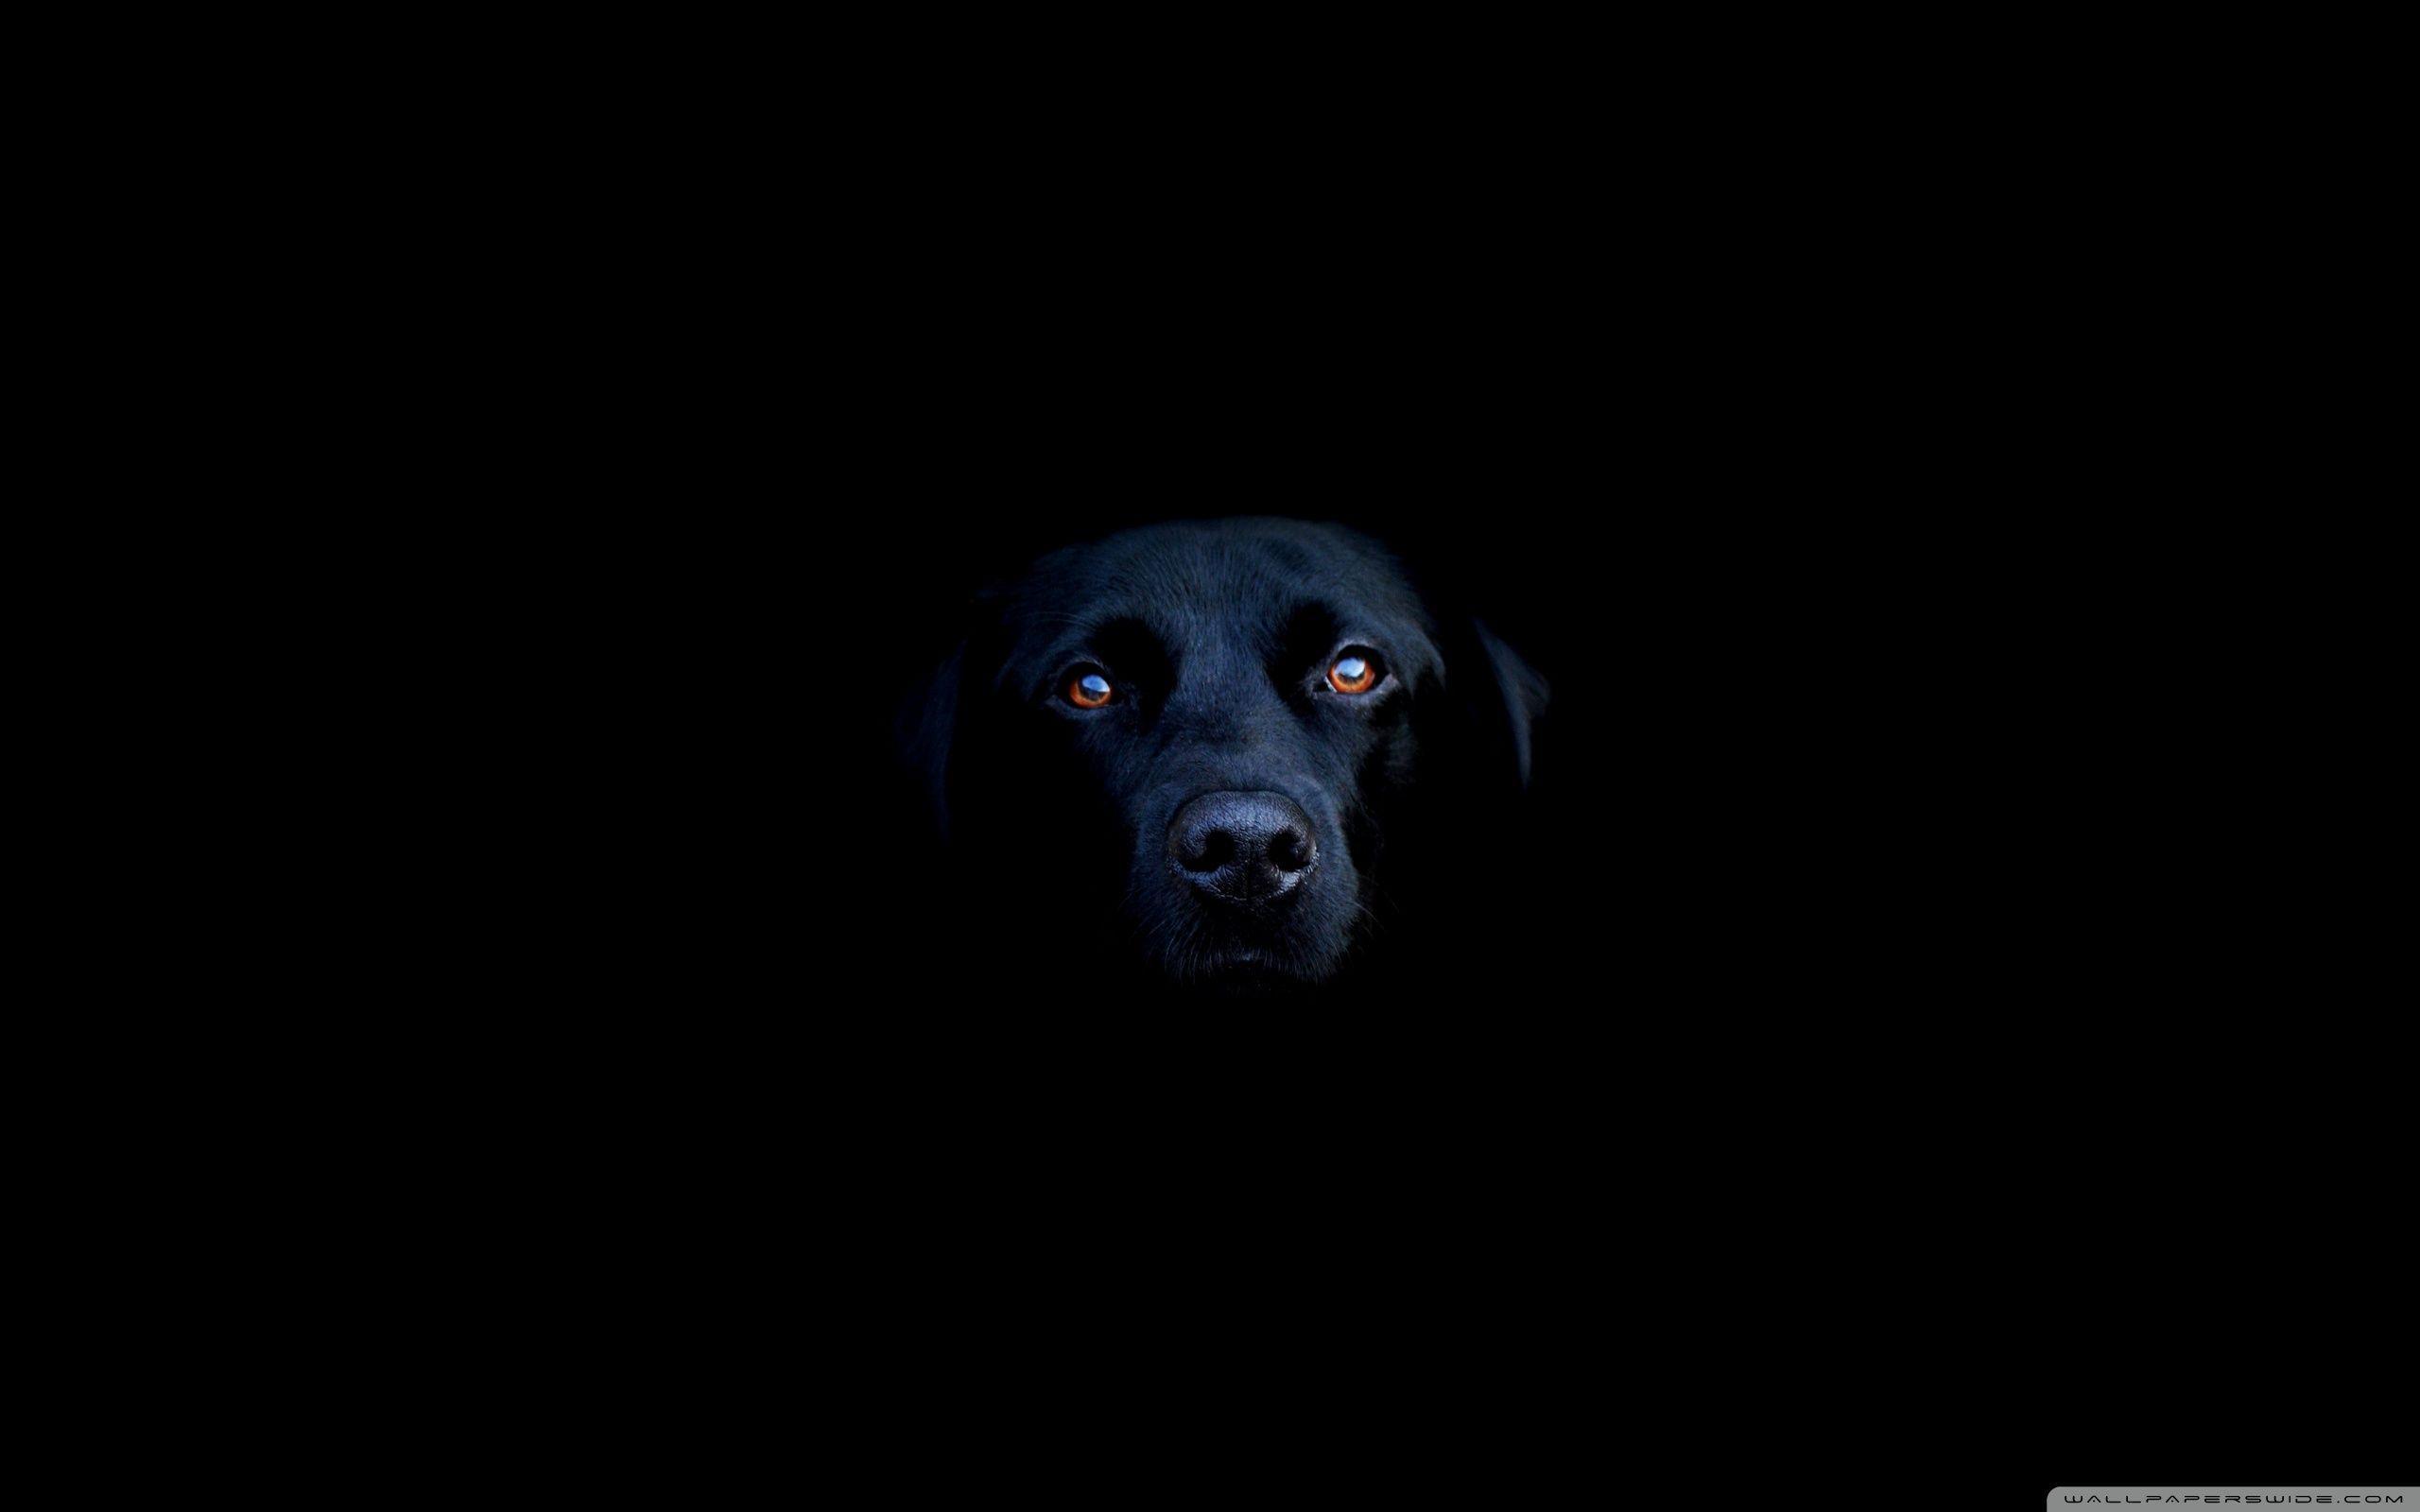 2560x1600 Black Dog ❤ Hình nền máy tính để bàn HD 4K cho TV 4K Ultra HD • Rộng